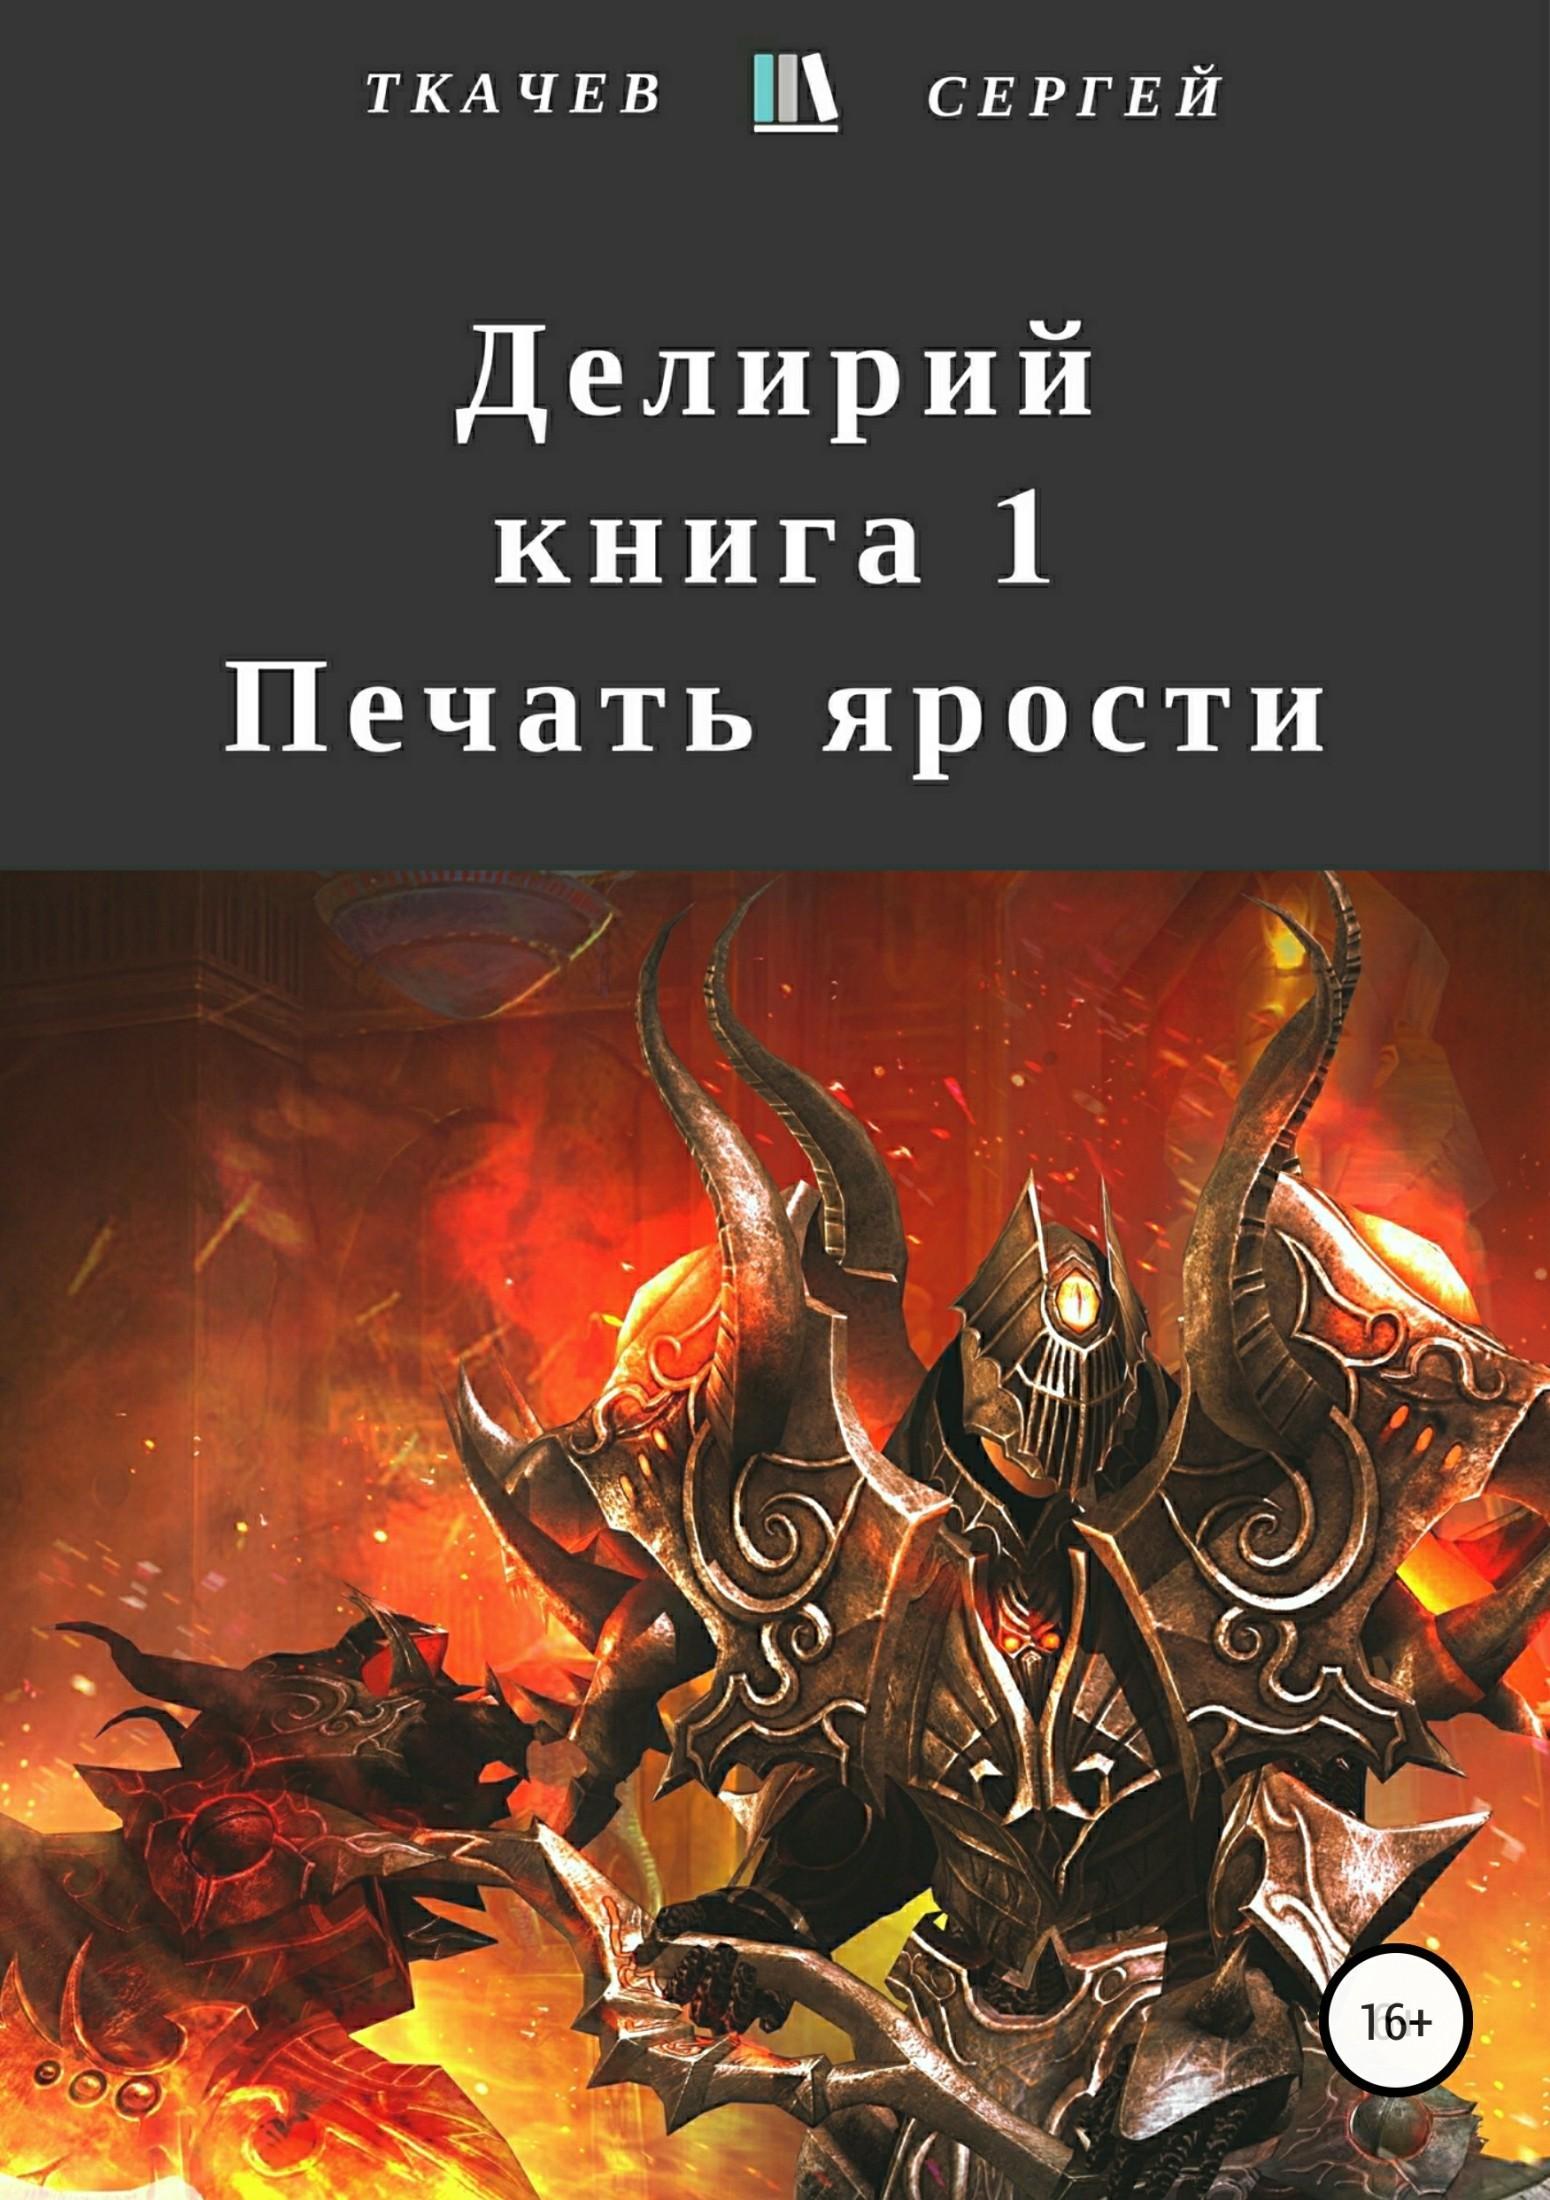 Делирий. Книга 1. Печать ярости_Сергей Сергеевич Ткачев